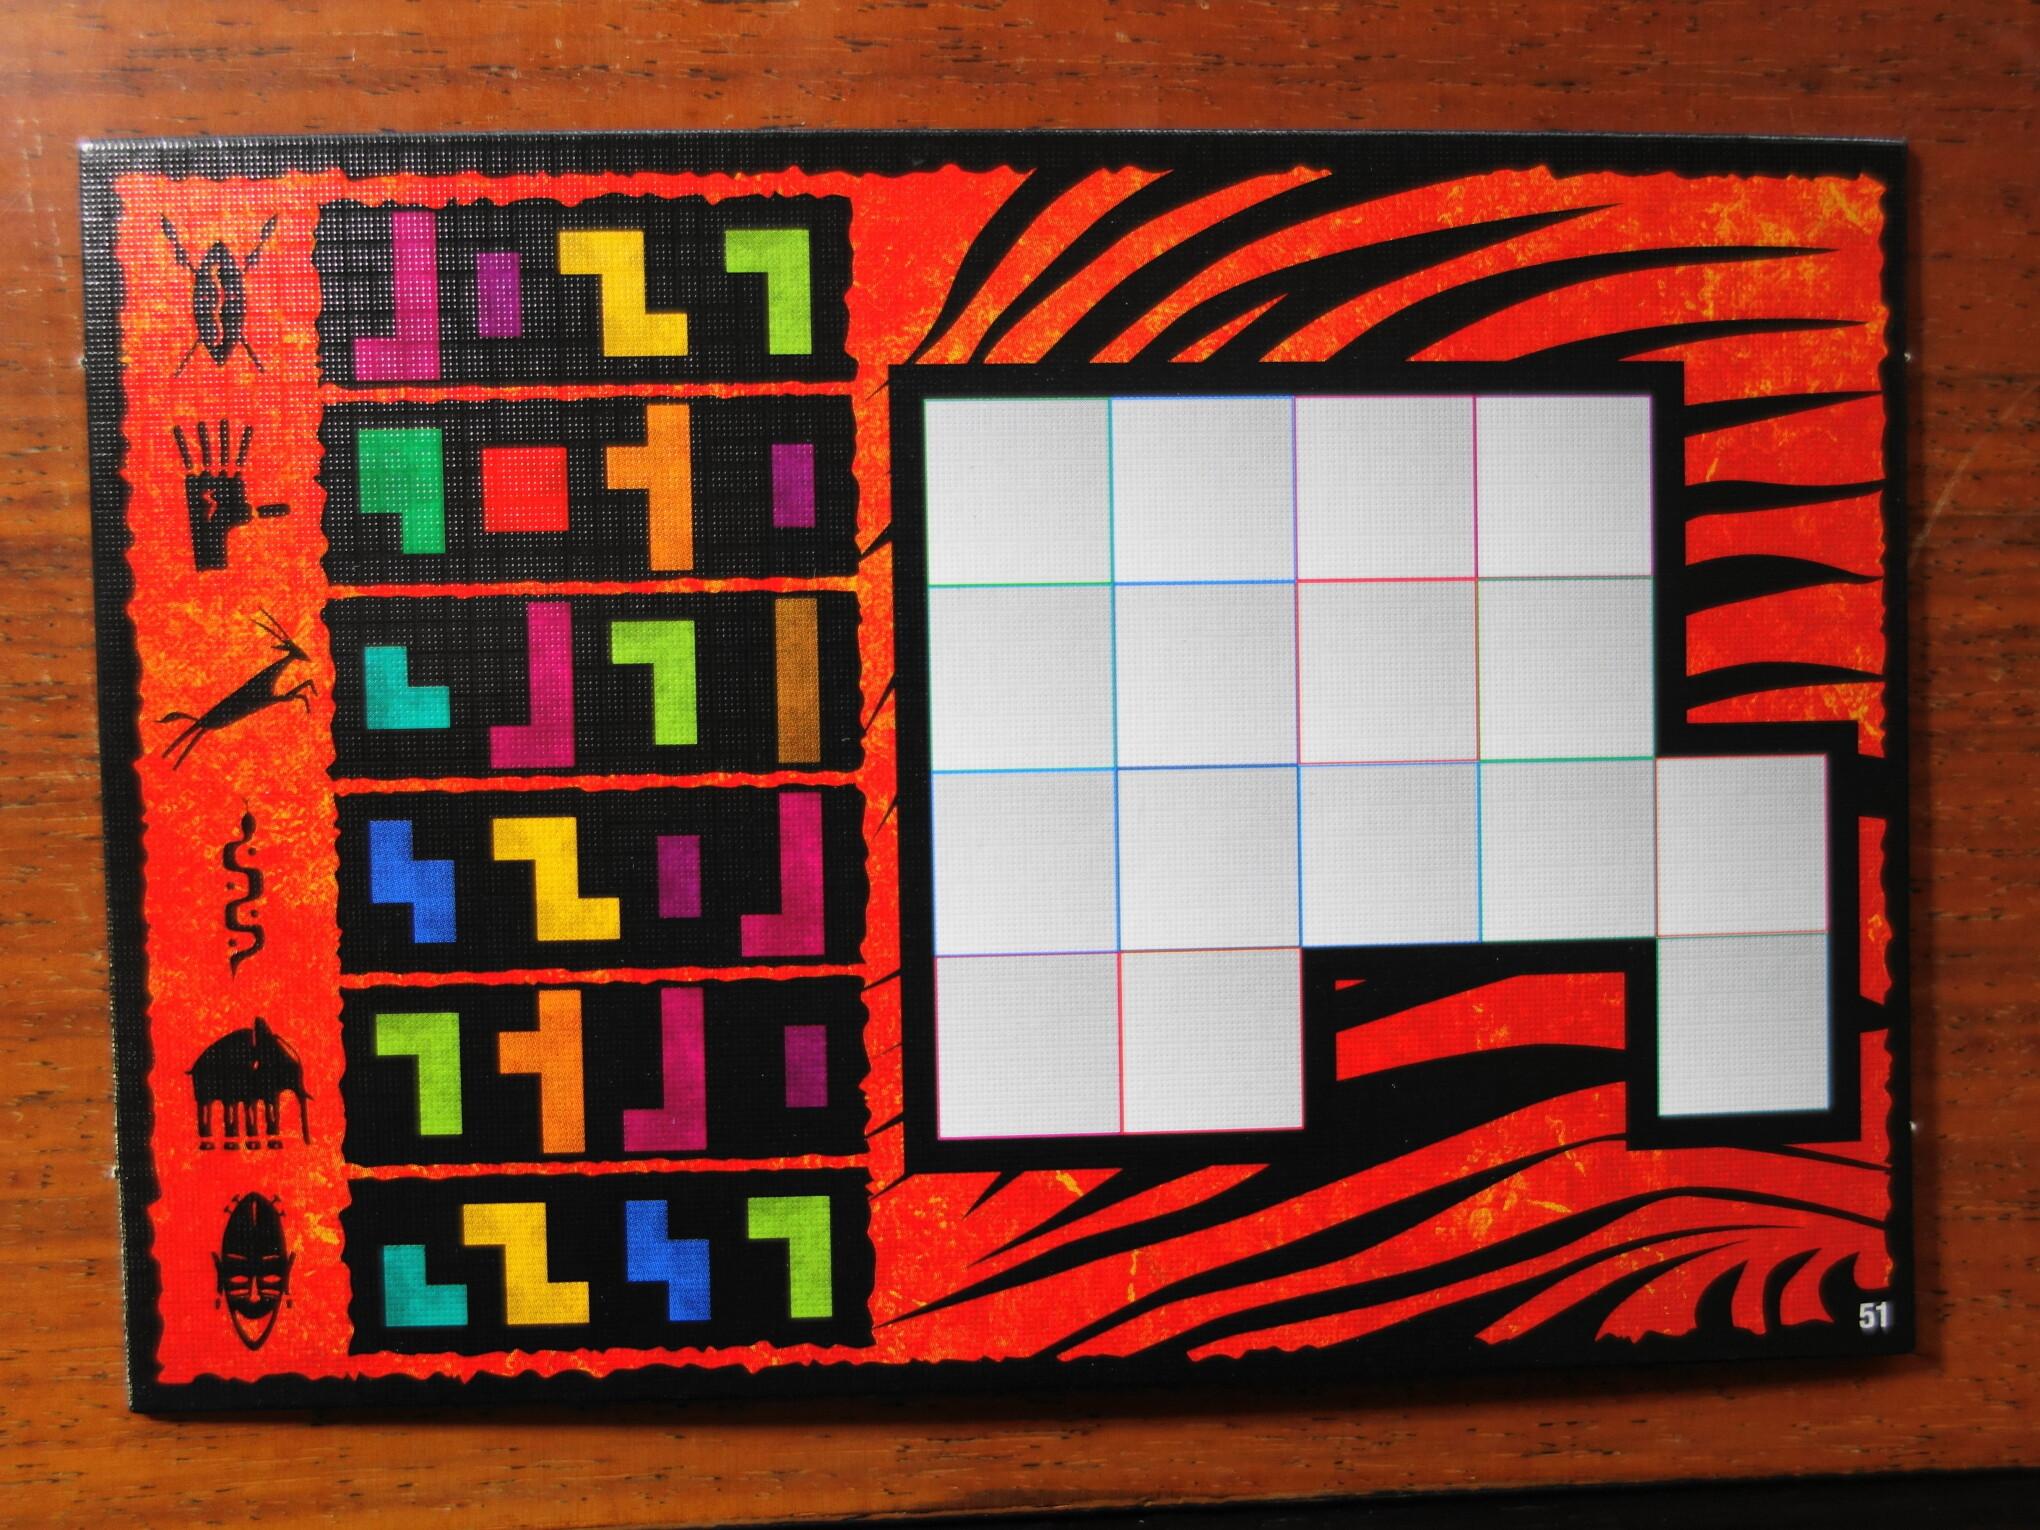 難しいパズルボードは4ピース